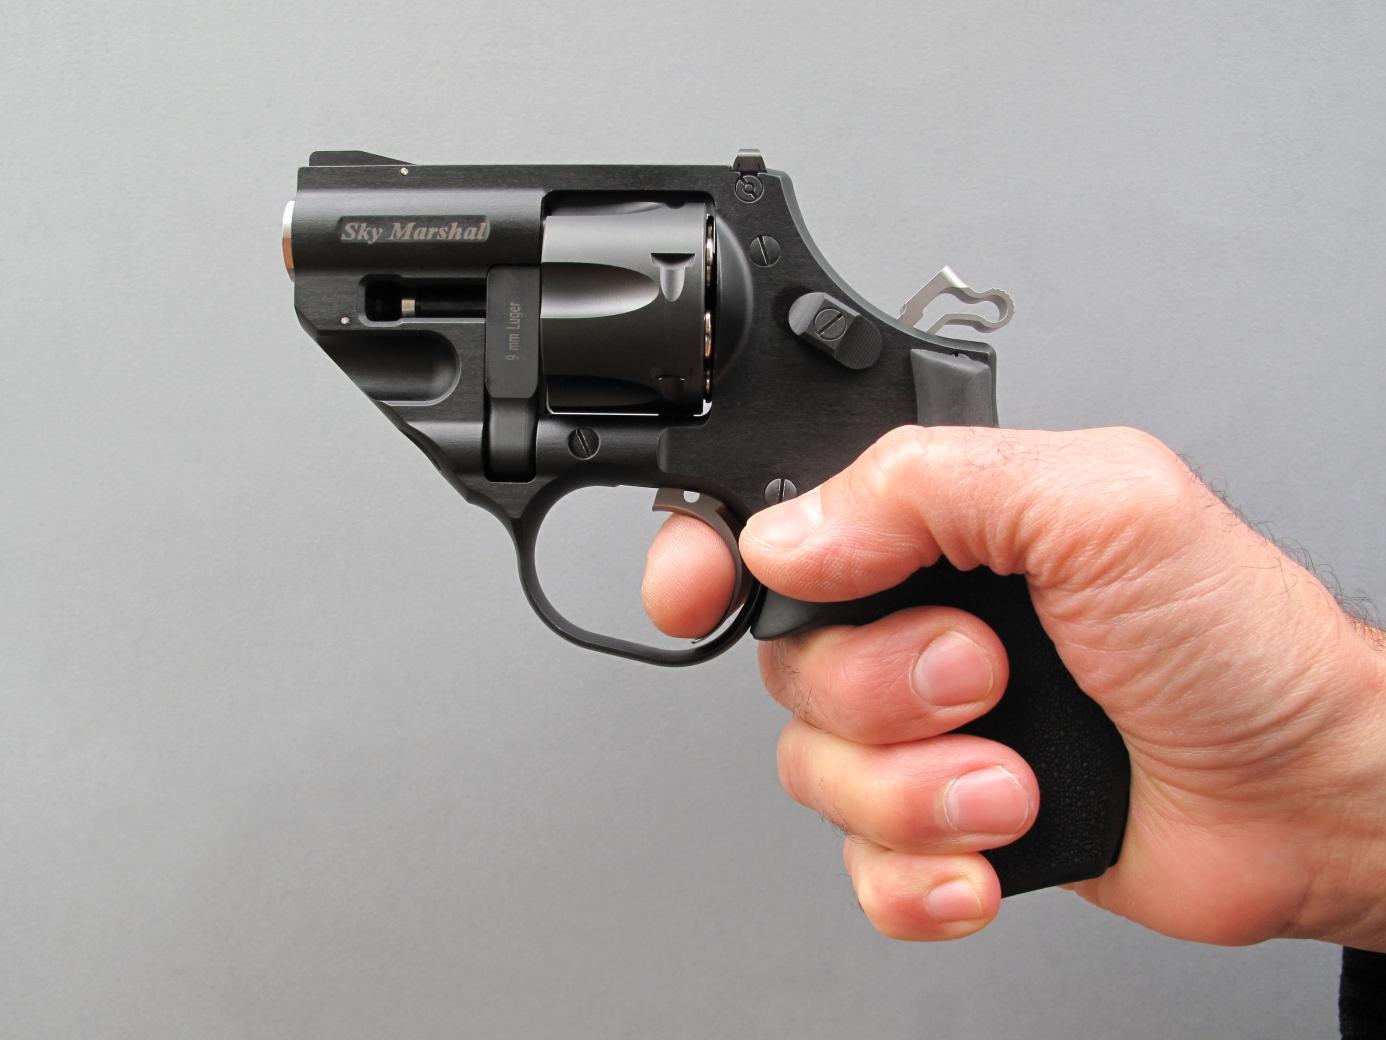 La poignée monogrip Hogue moulée en néoprène dont ce revolver est équipé procure une excellente prise en main et bénéficie des qualités naturellement antidérapantes du matériau qui la compose.